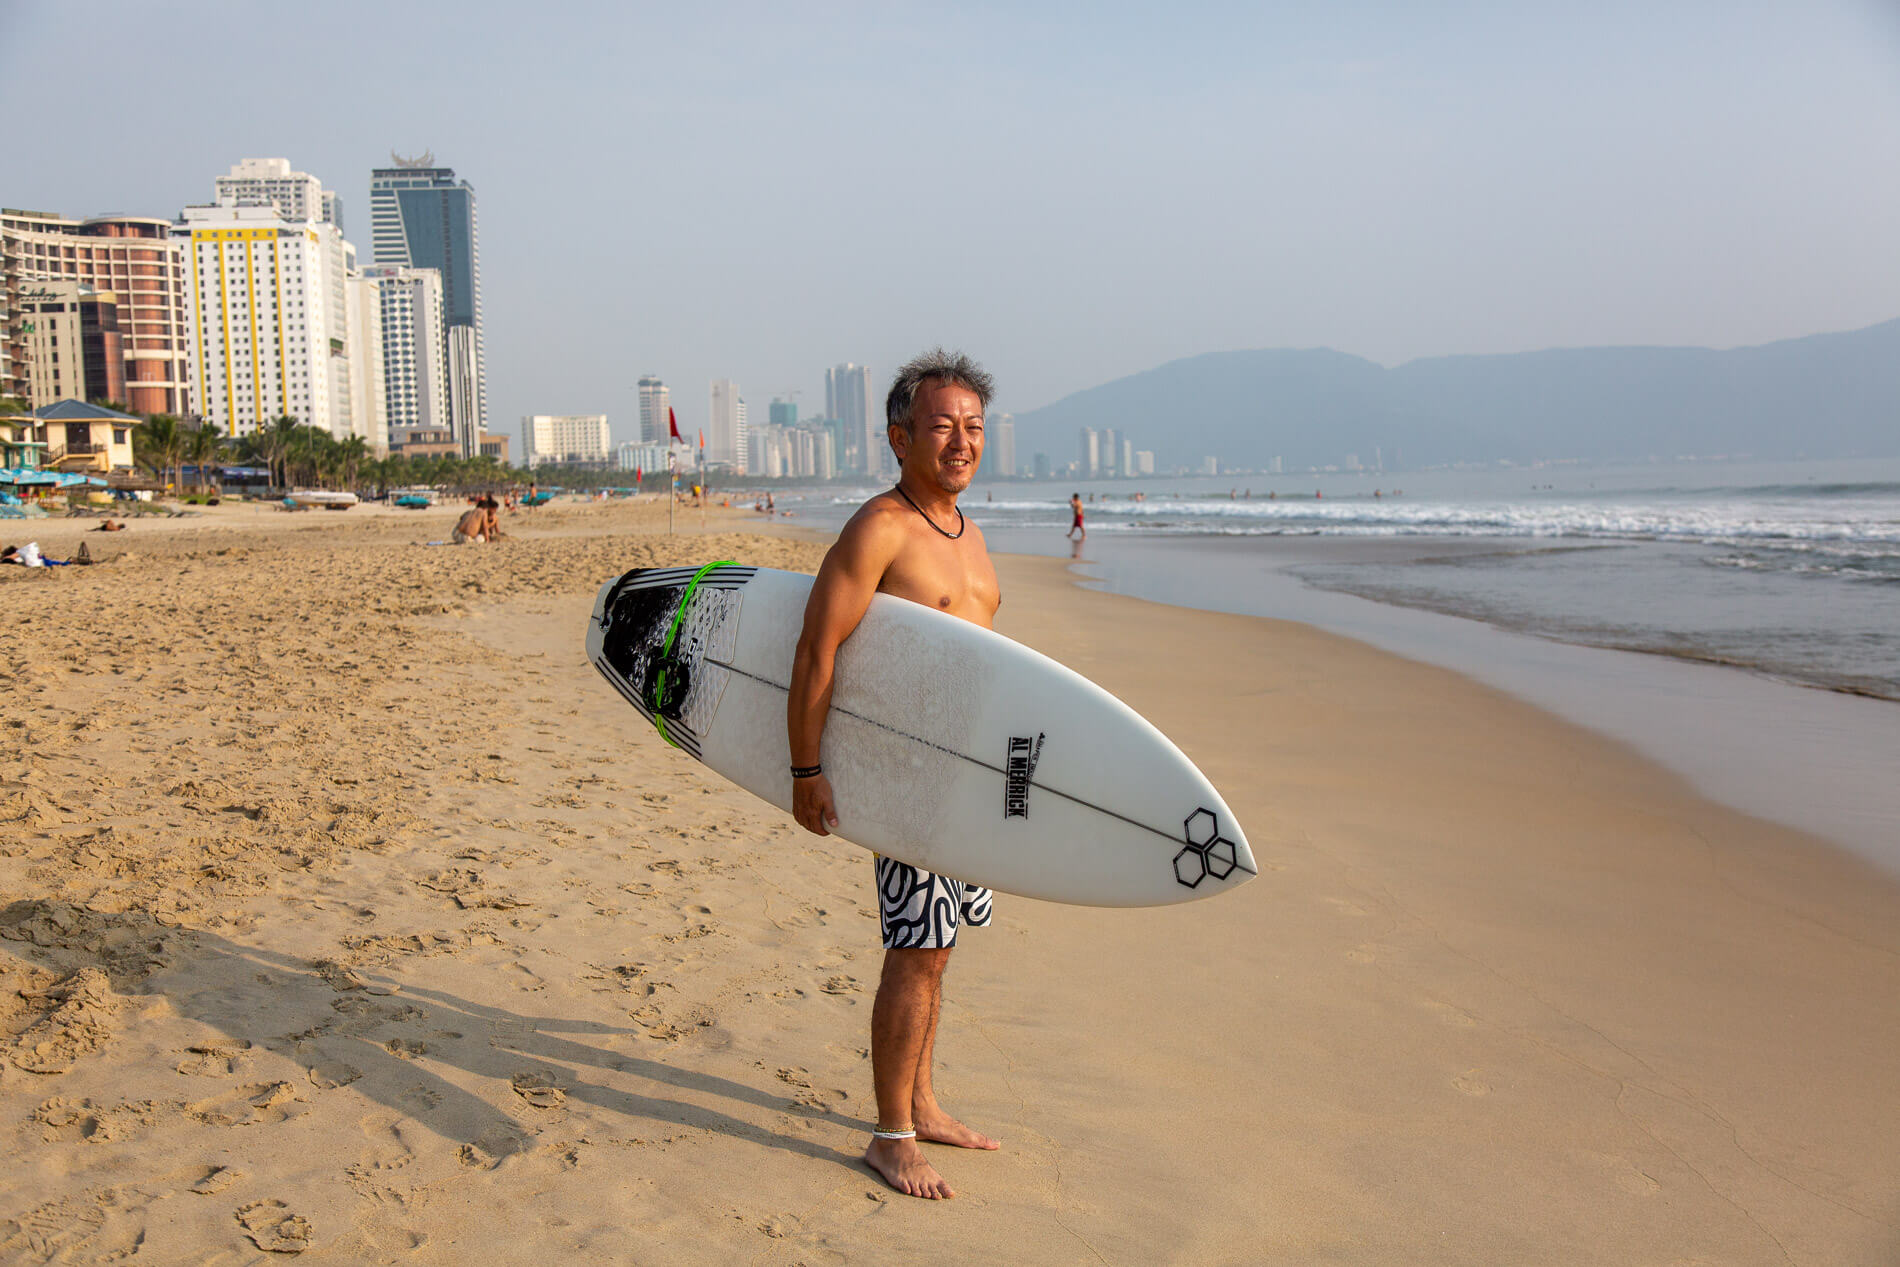 A surfer in Da Nang